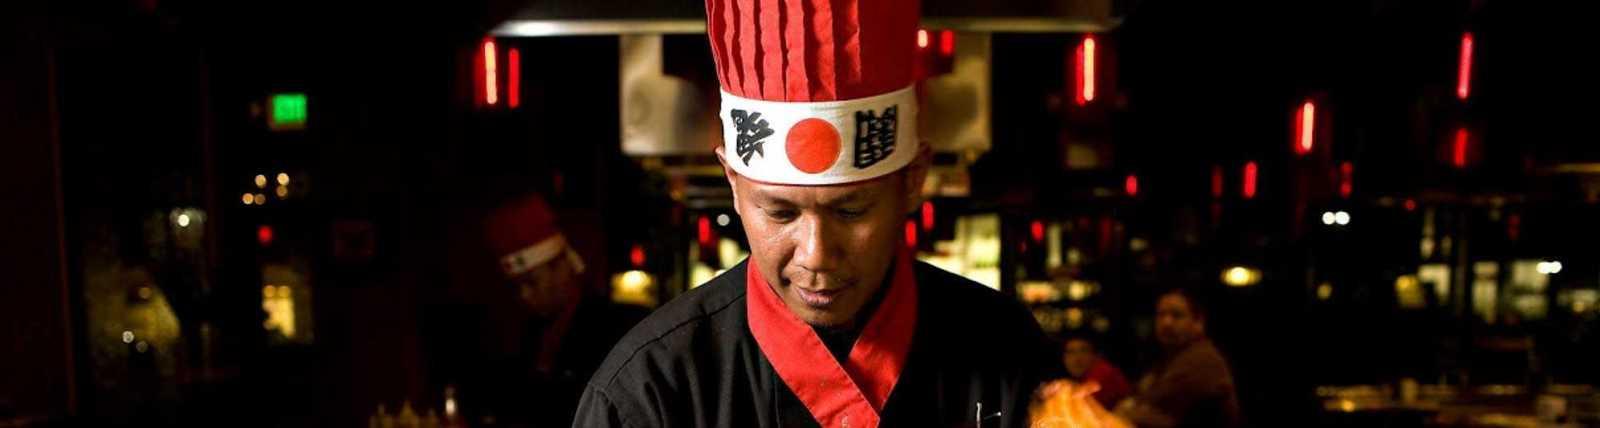 Mizu_Japanese_Steak_House.jpg